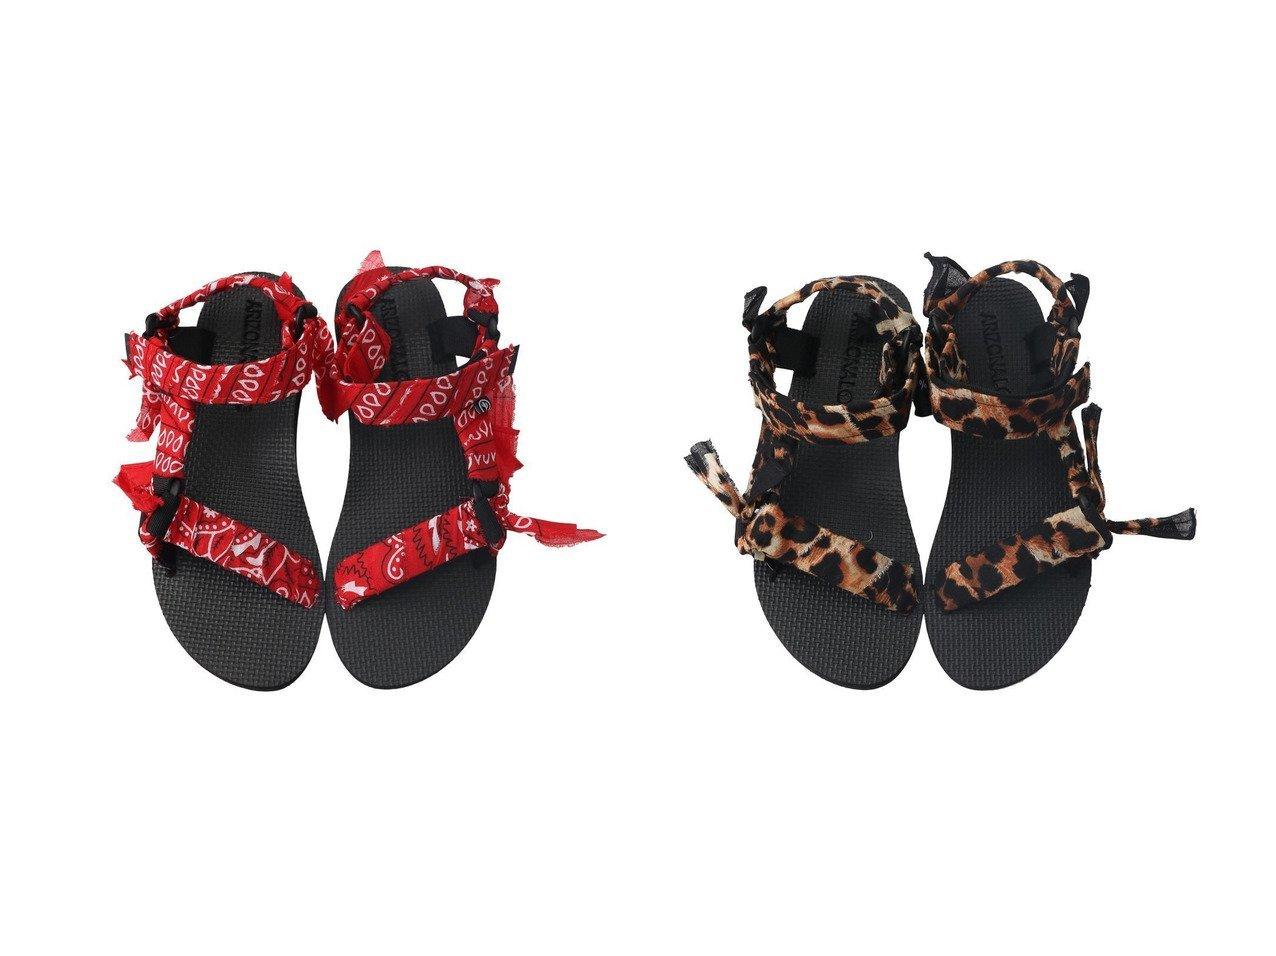 【ARIZONA LOVE/アリゾナ ラブ】のTREKKY LEO BANDANA サンダル&TREKKY BANDANA サンダル 【シューズ・靴】おすすめ!人気、トレンド・レディースファッションの通販 おすすめ人気トレンドファッション通販アイテム インテリア・キッズ・メンズ・レディースファッション・服の通販 founy(ファニー)  ファッション Fashion レディースファッション WOMEN サンダル スポーツ バンダナ ビーチ ペイズリー ラップ レオパード オレンジ系 Orange ブラック系 Black |ID:crp329100000037629